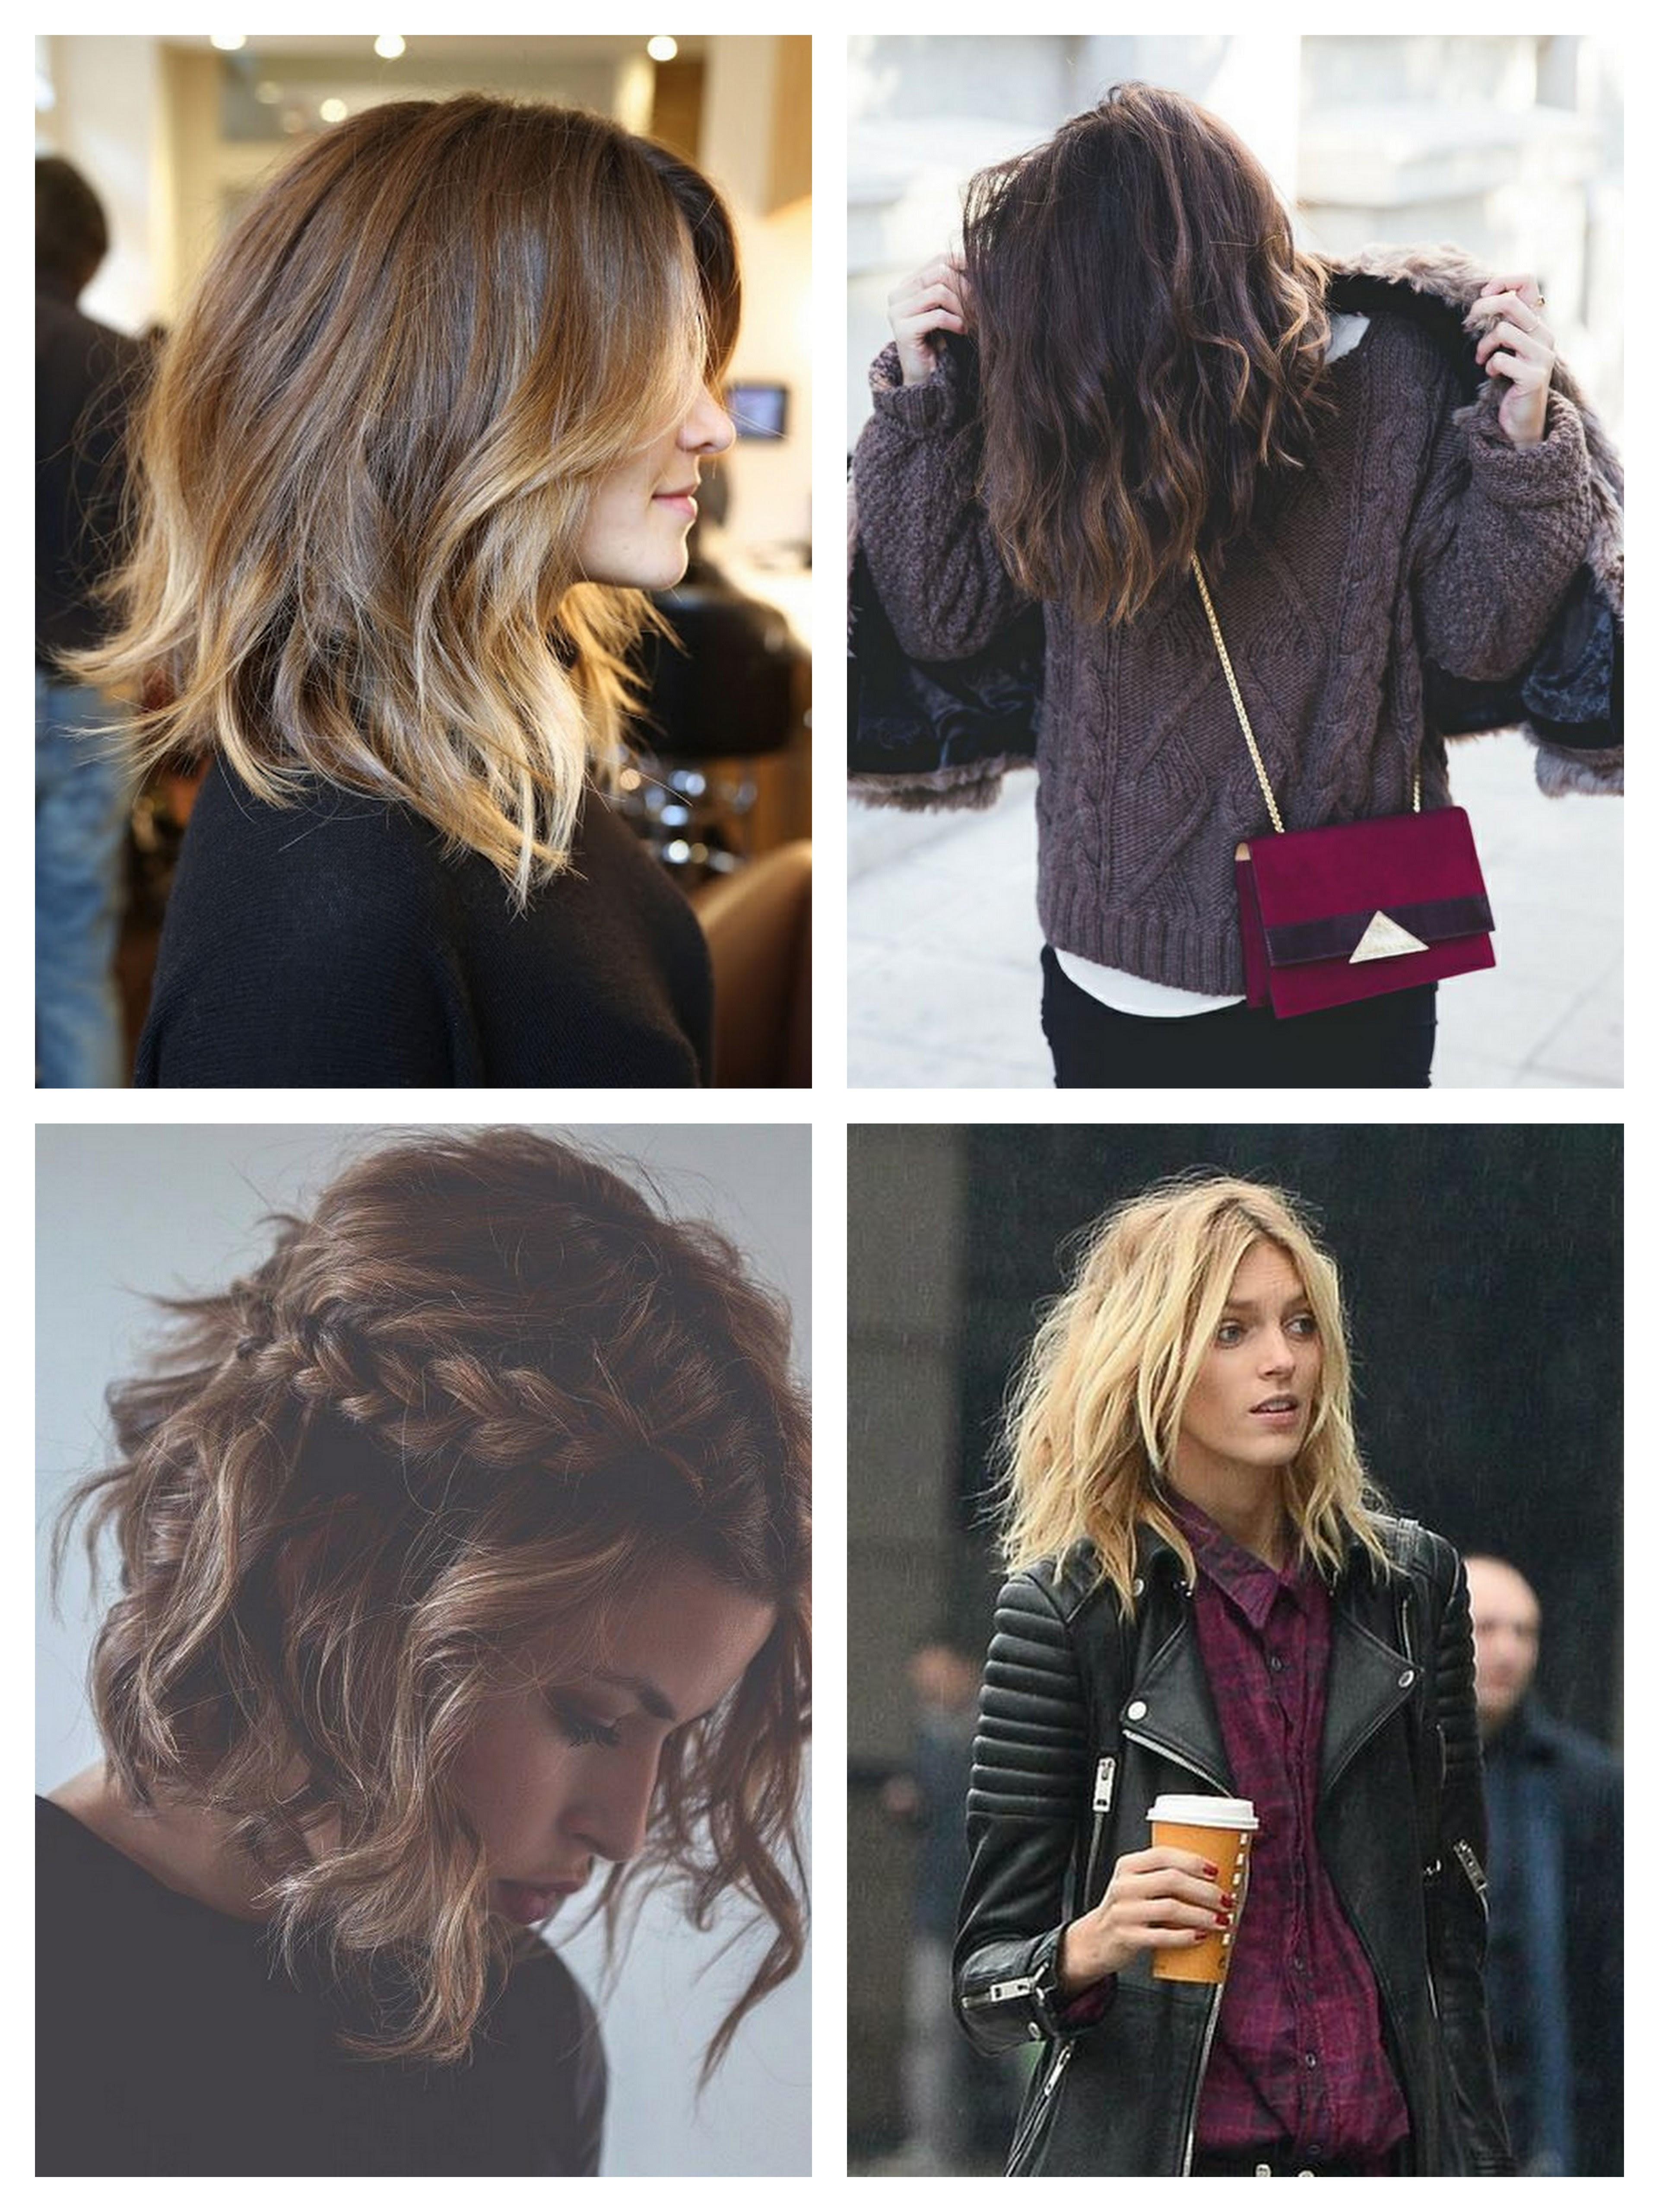 Soll Ich Meine Langen Haare Abschneiden Lassen Frisur